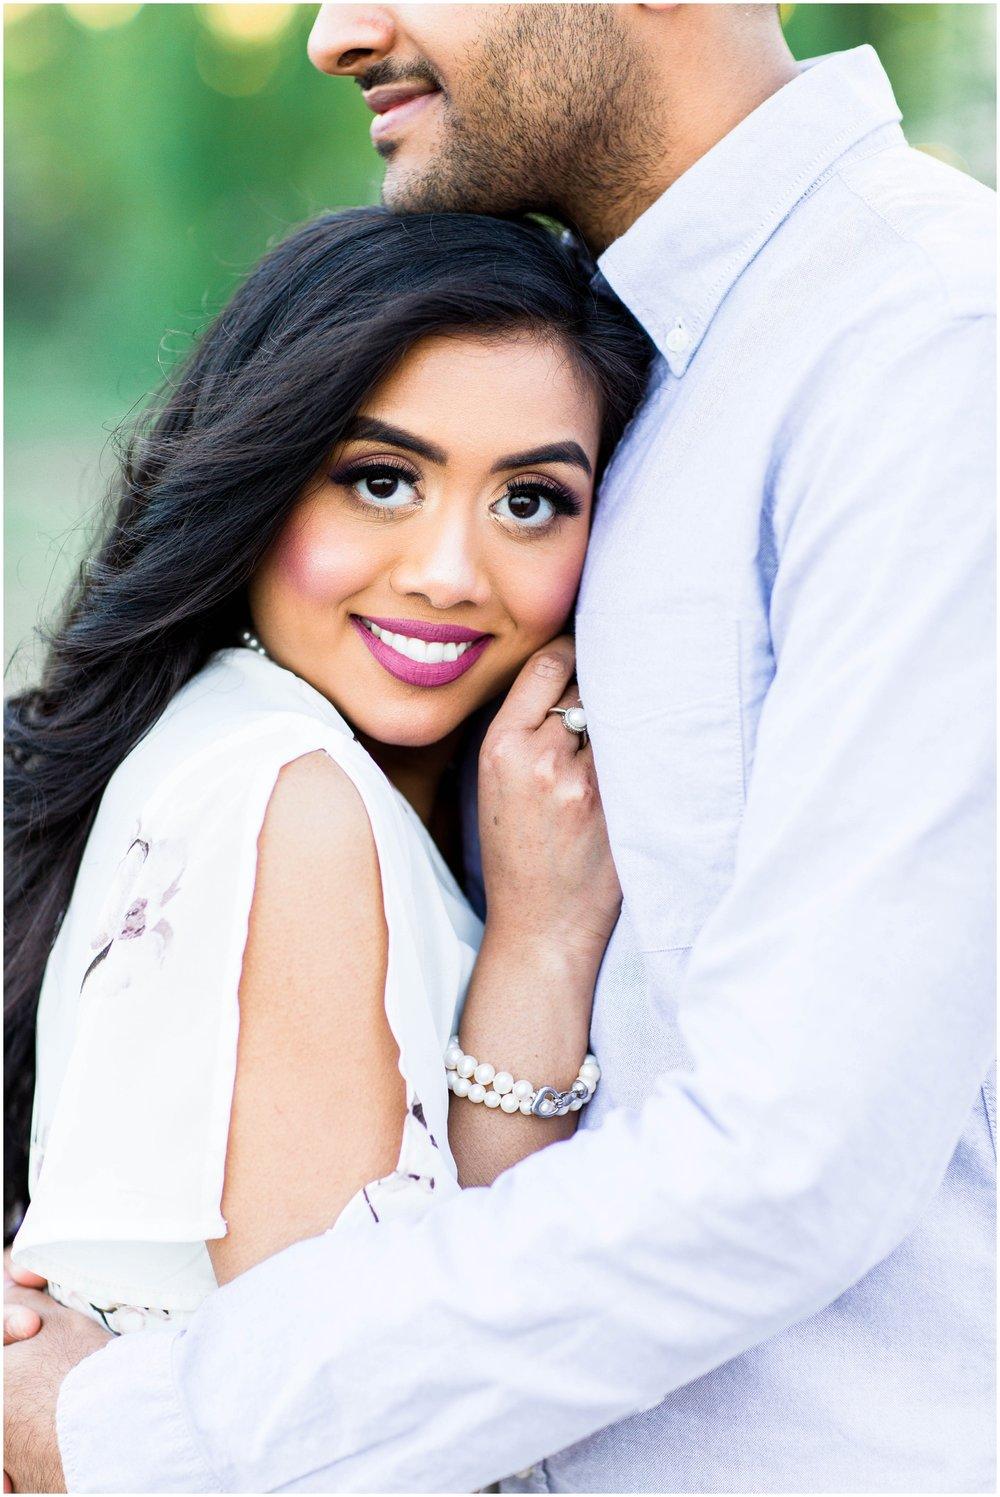 2017-Engagements-Toronto-Mississauga-GTA-Pakistani-Indian-Wedding-Photography-Photographer_0046.jpg